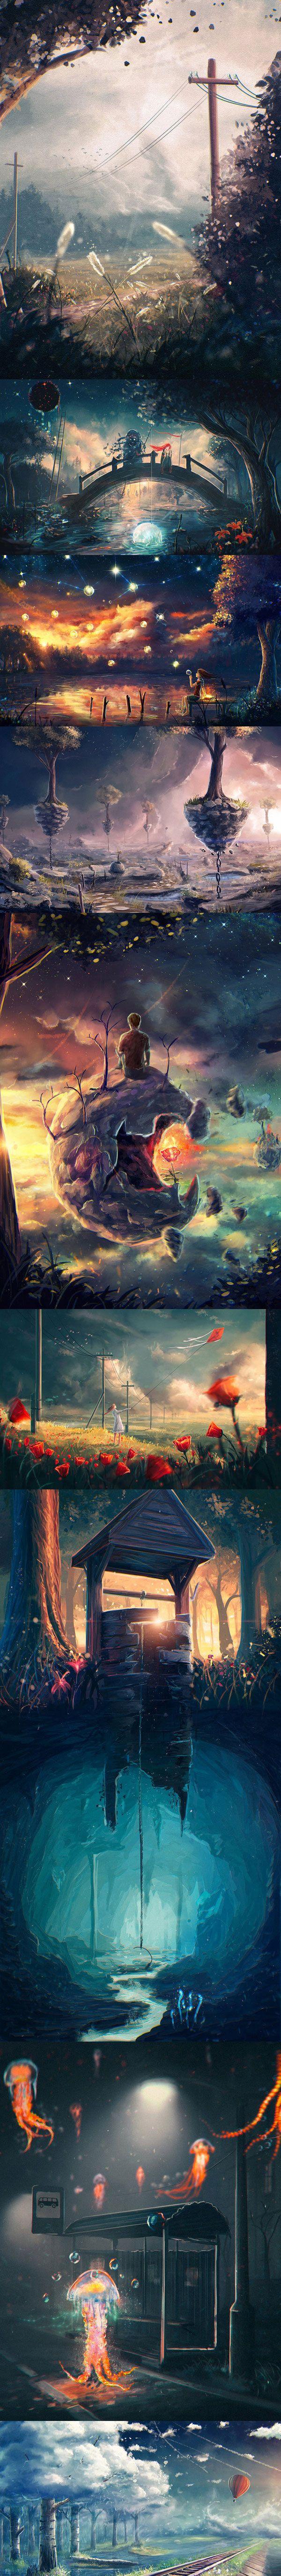 """Les impressionnantes illustrations digitales du russe Sylar 113 qui est âgé de seulement 20 ans. Il poste aussi quelques """"behind the scene"""" sur son deviantart, bon c'est en Russe ok, on peut pas tout avoir non plus!"""